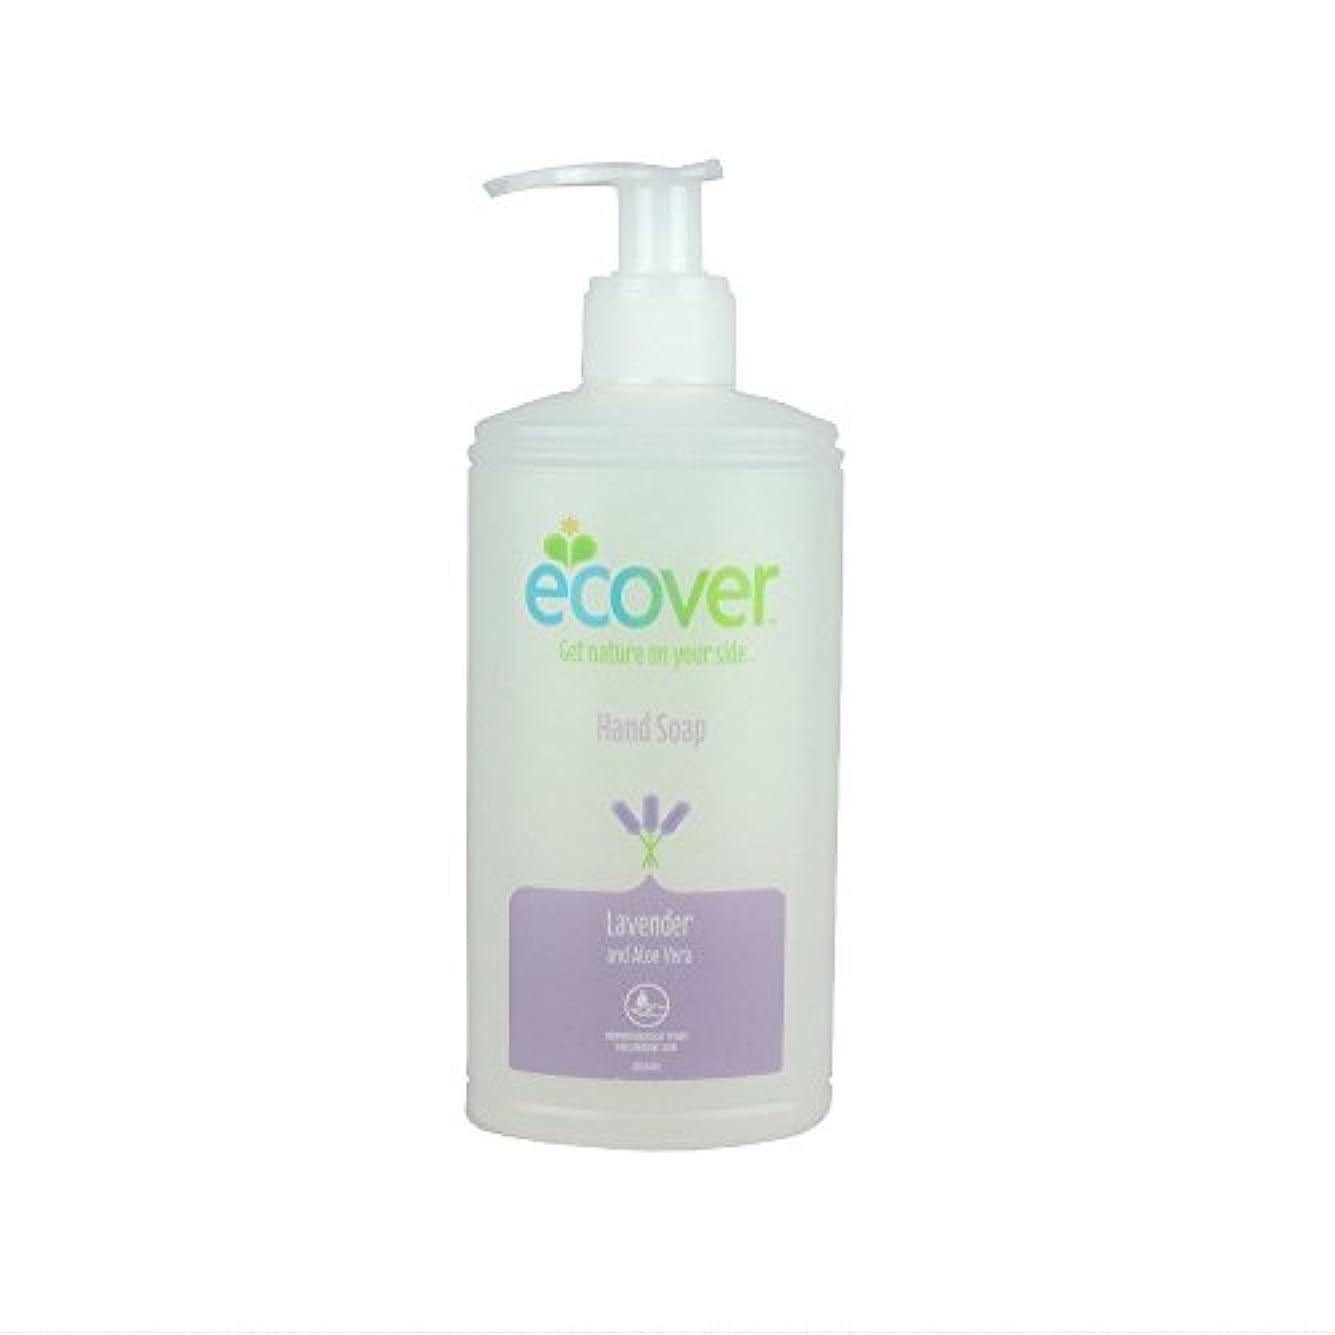 虚偽背骨以上Ecover Liquid Hand Soap Lavender & Aloe Vera (250ml) 液体ハンドソープラベンダーとアロエベラ( 250ミリリットル)をエコベール